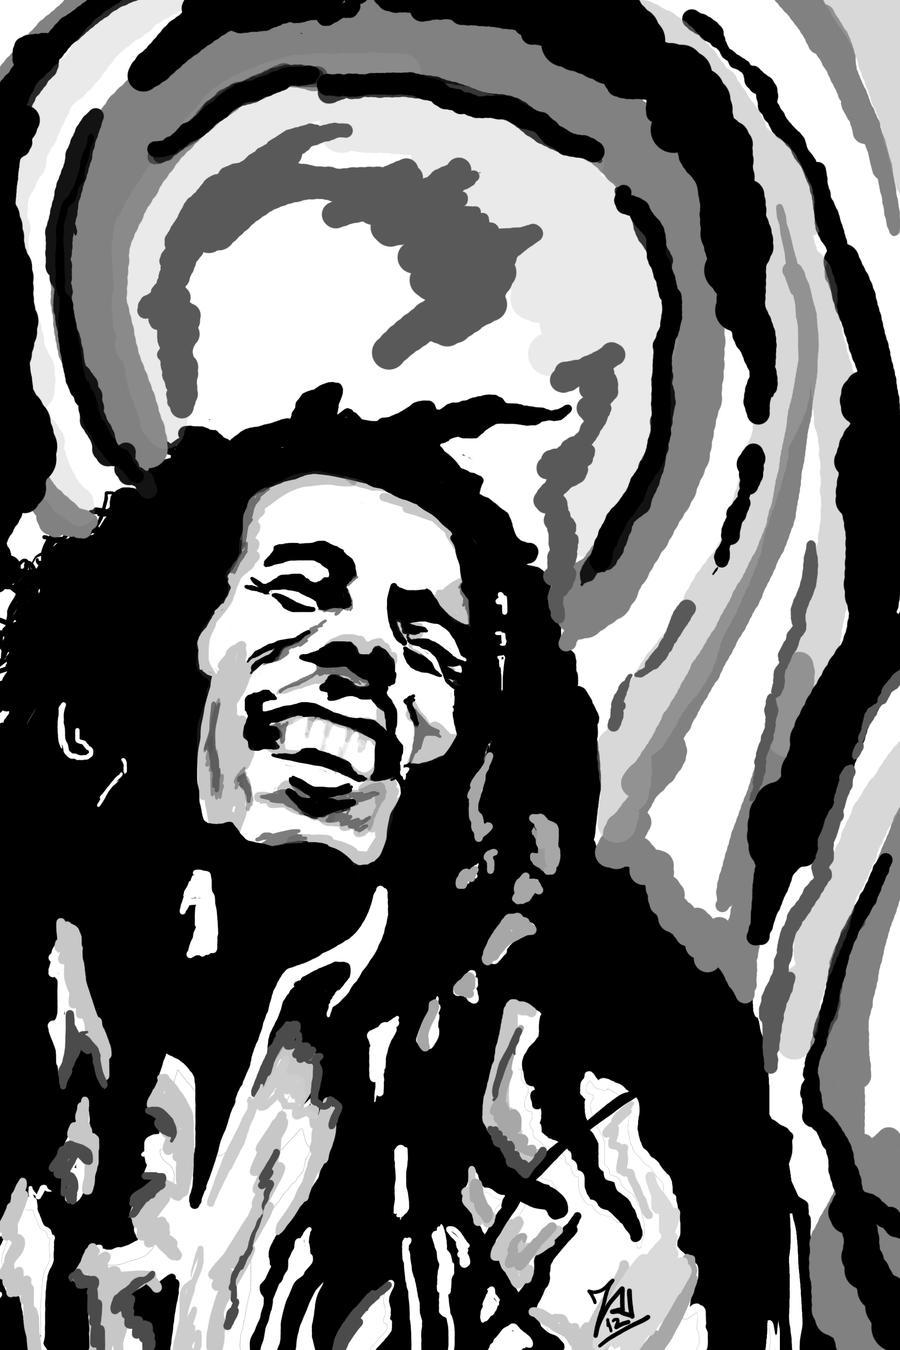 Bob Marley by Taiel